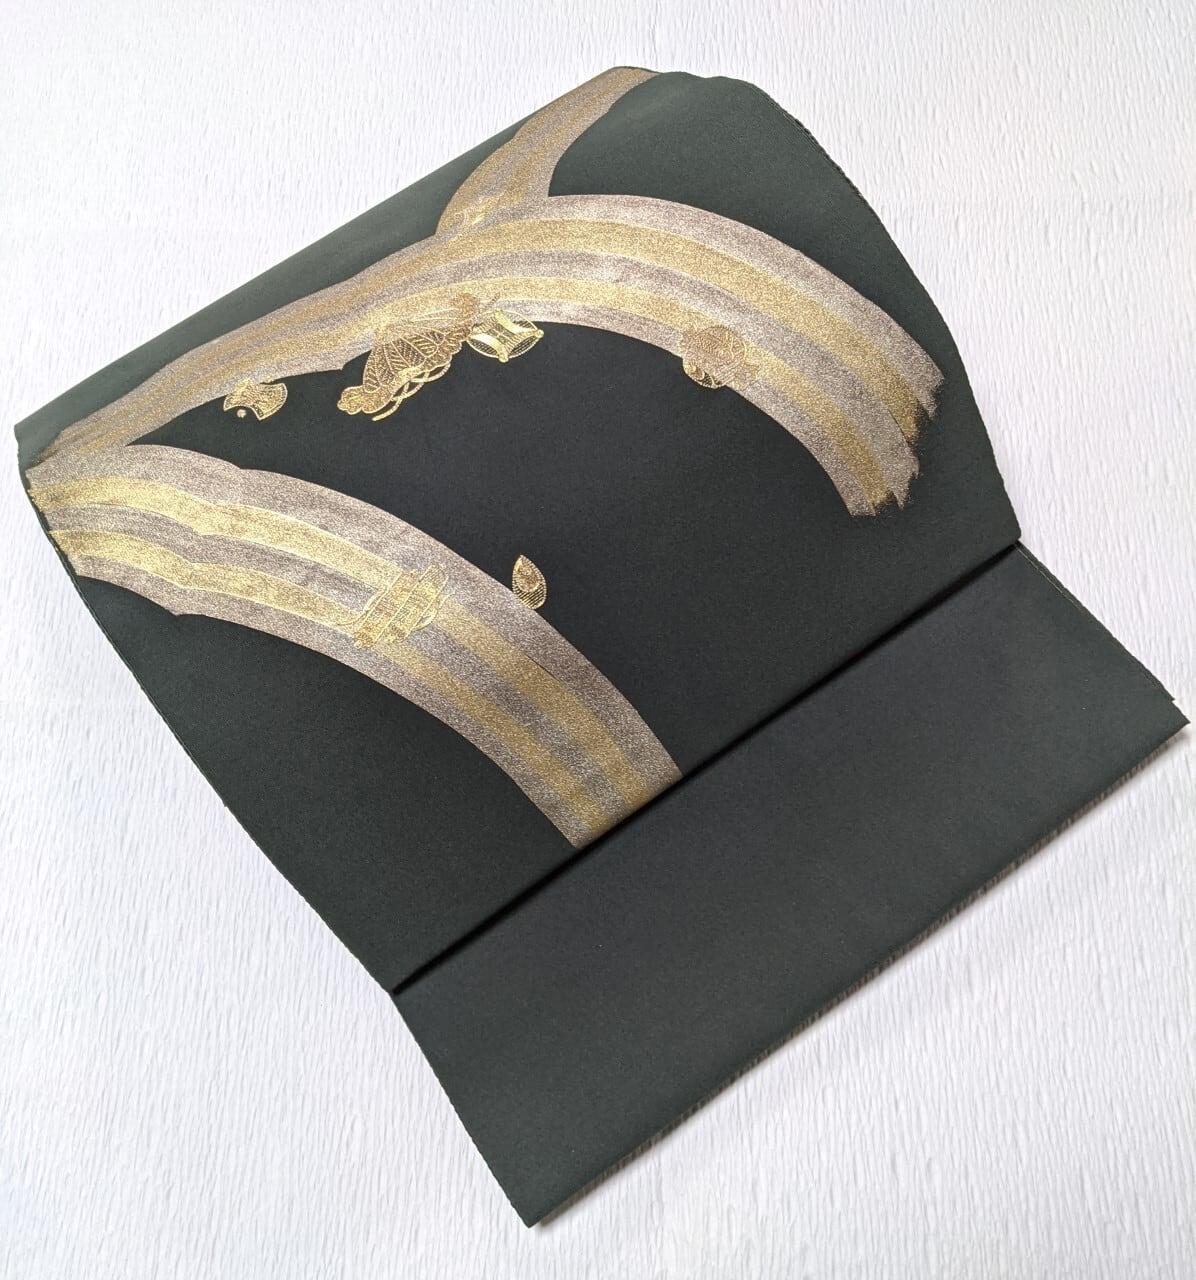 【繊細刺繍】袋帯お太鼓柄 金彩×金糸の虹に宝尽くしの刺繍 ディープグリーン